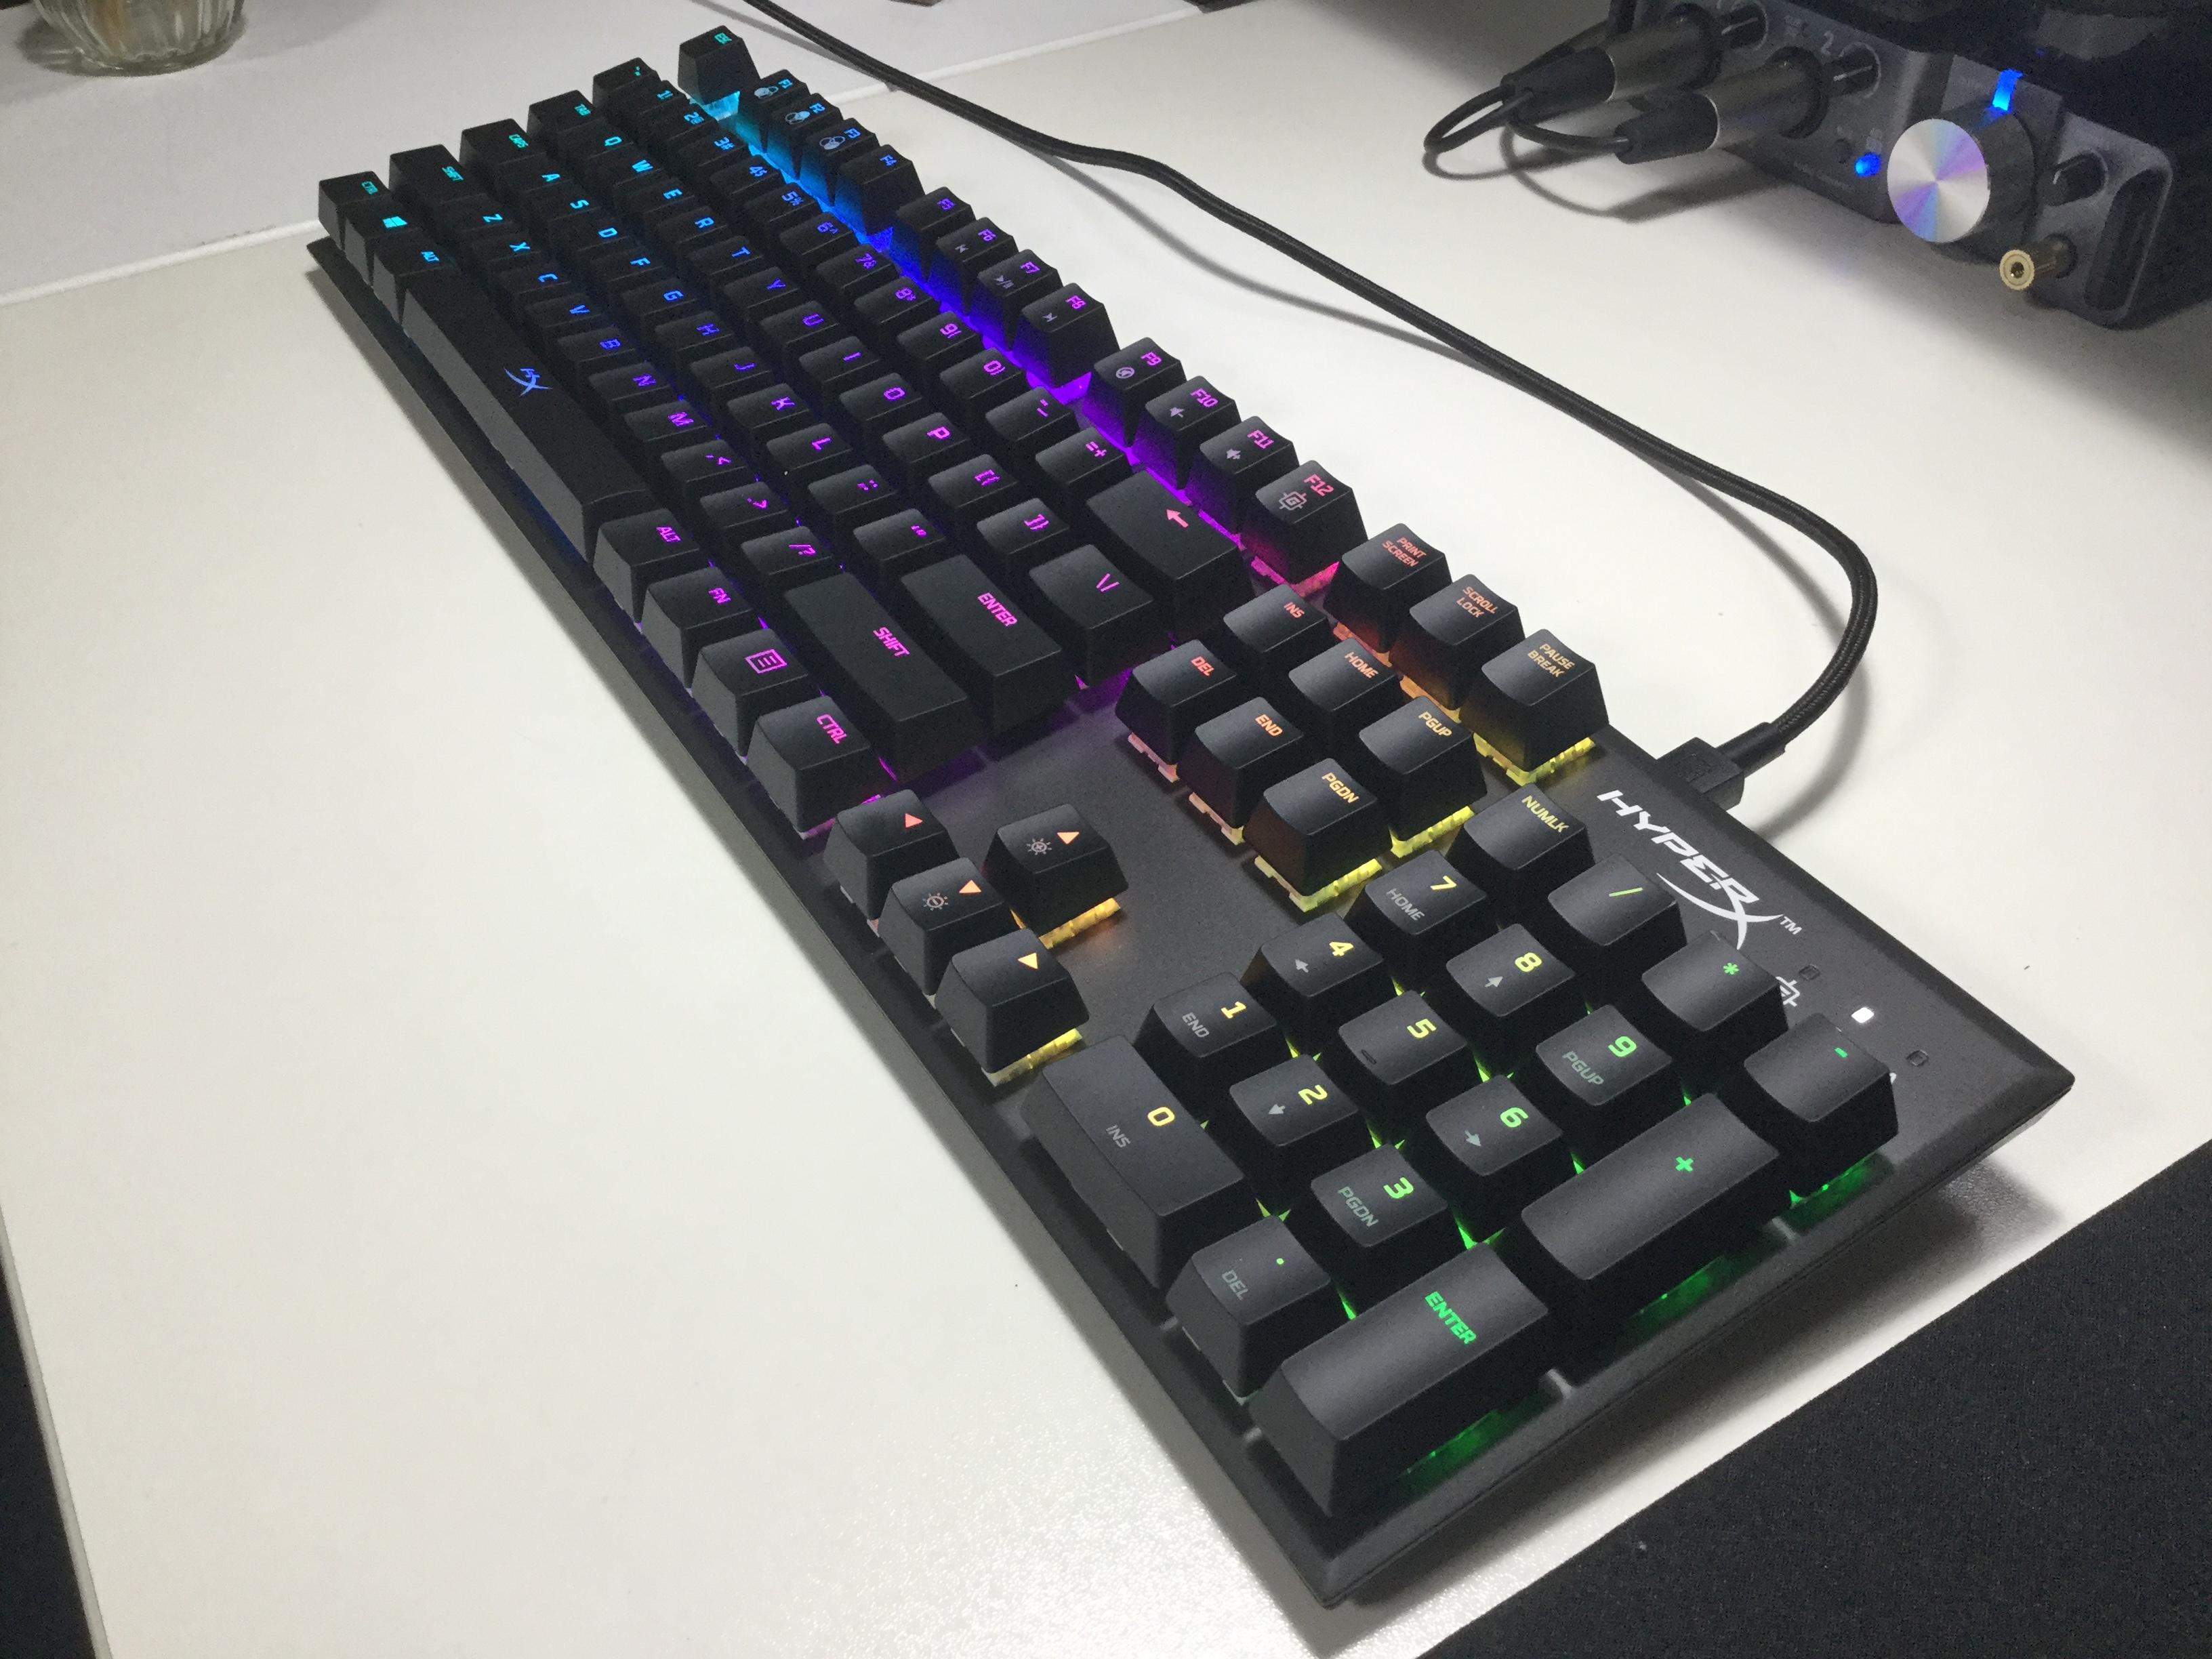 【レビュー】完成されたFPSキーボード「HyperX Alloy FPS RGB」【提供】